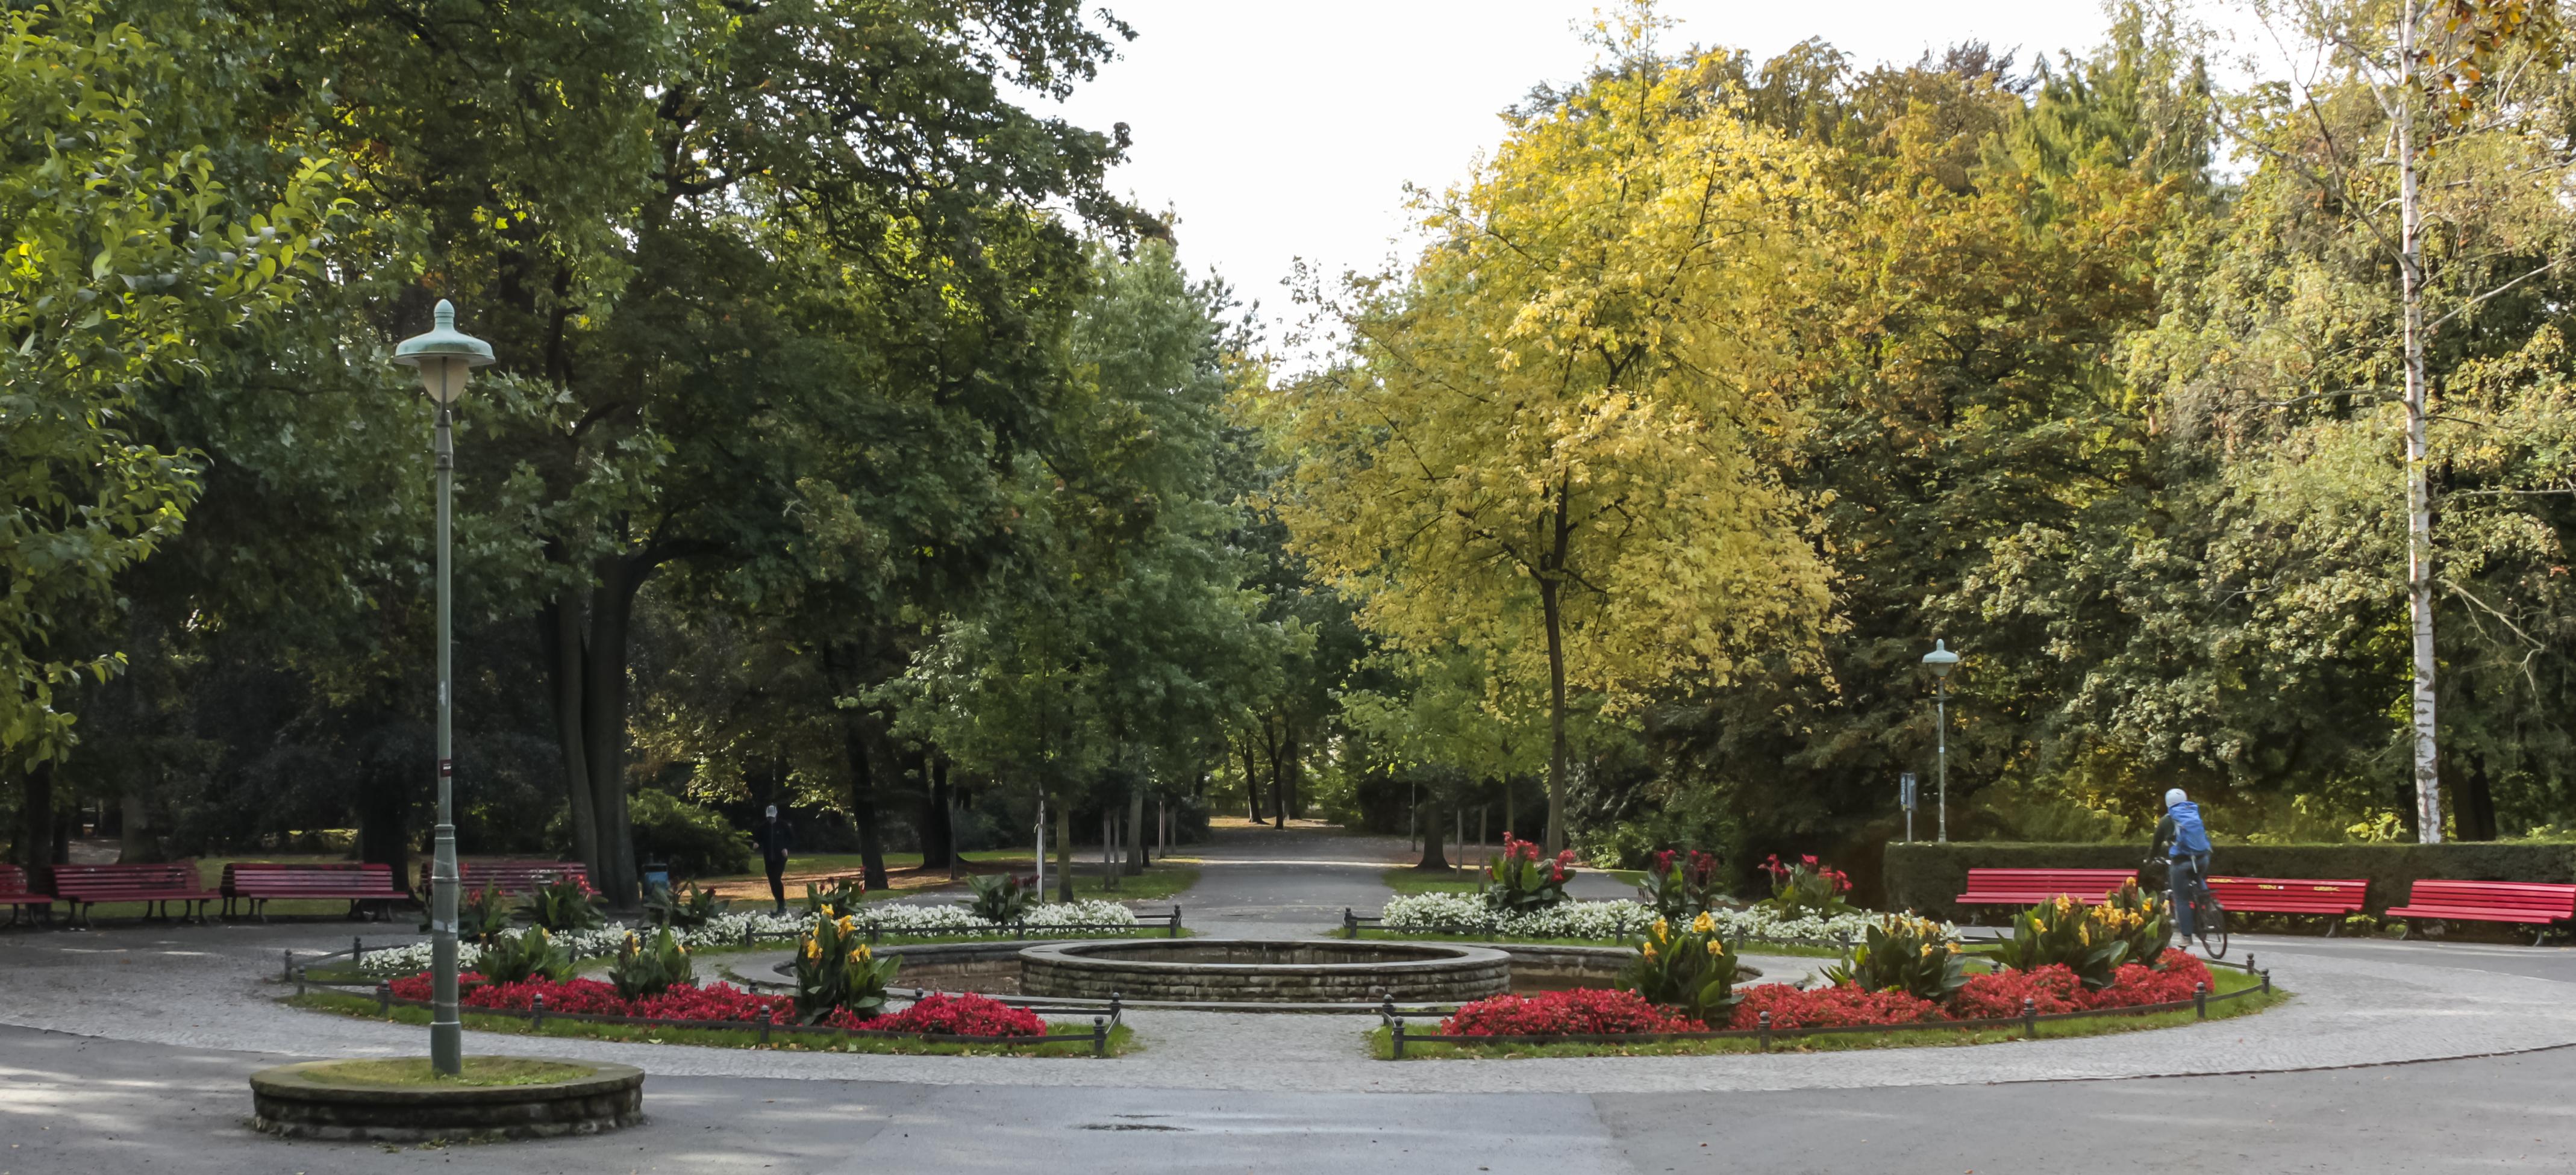 Springbrunnen im Zentrum des Stadtparks Steglitz von Walter Schmidt 1957